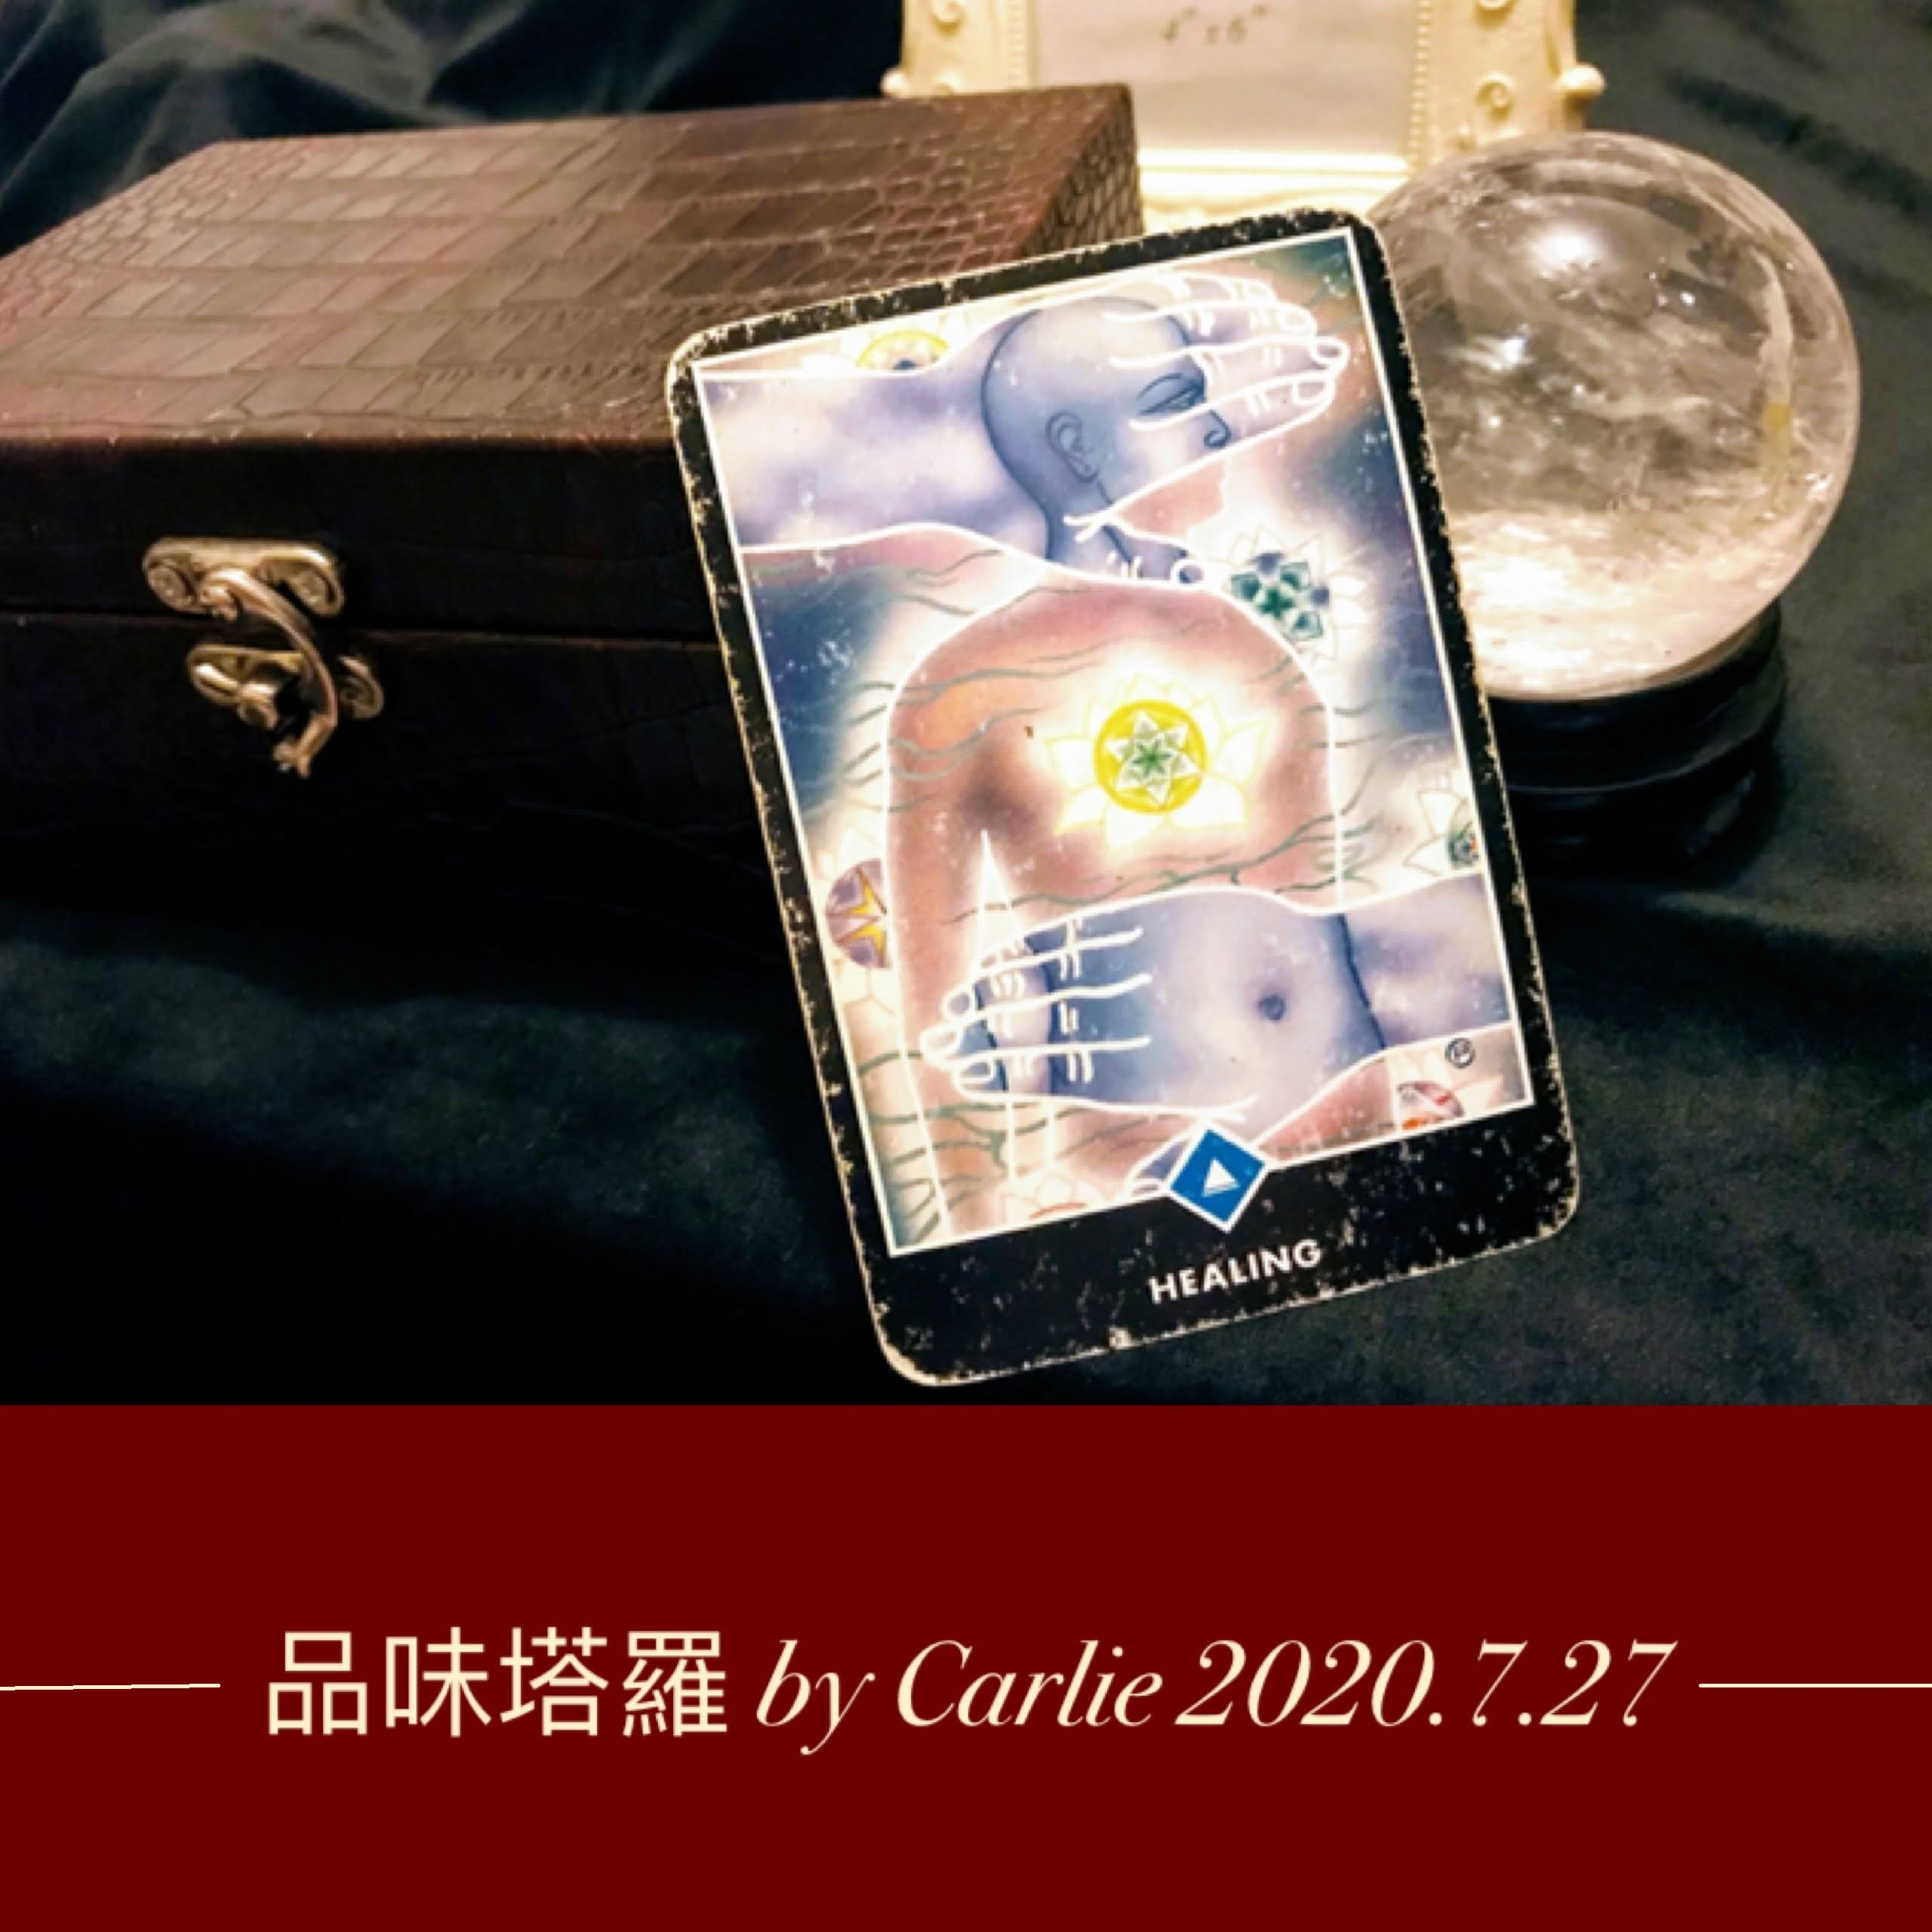 healing osho zen tarot carlie hong kong 治療自癒香港塔羅占卜